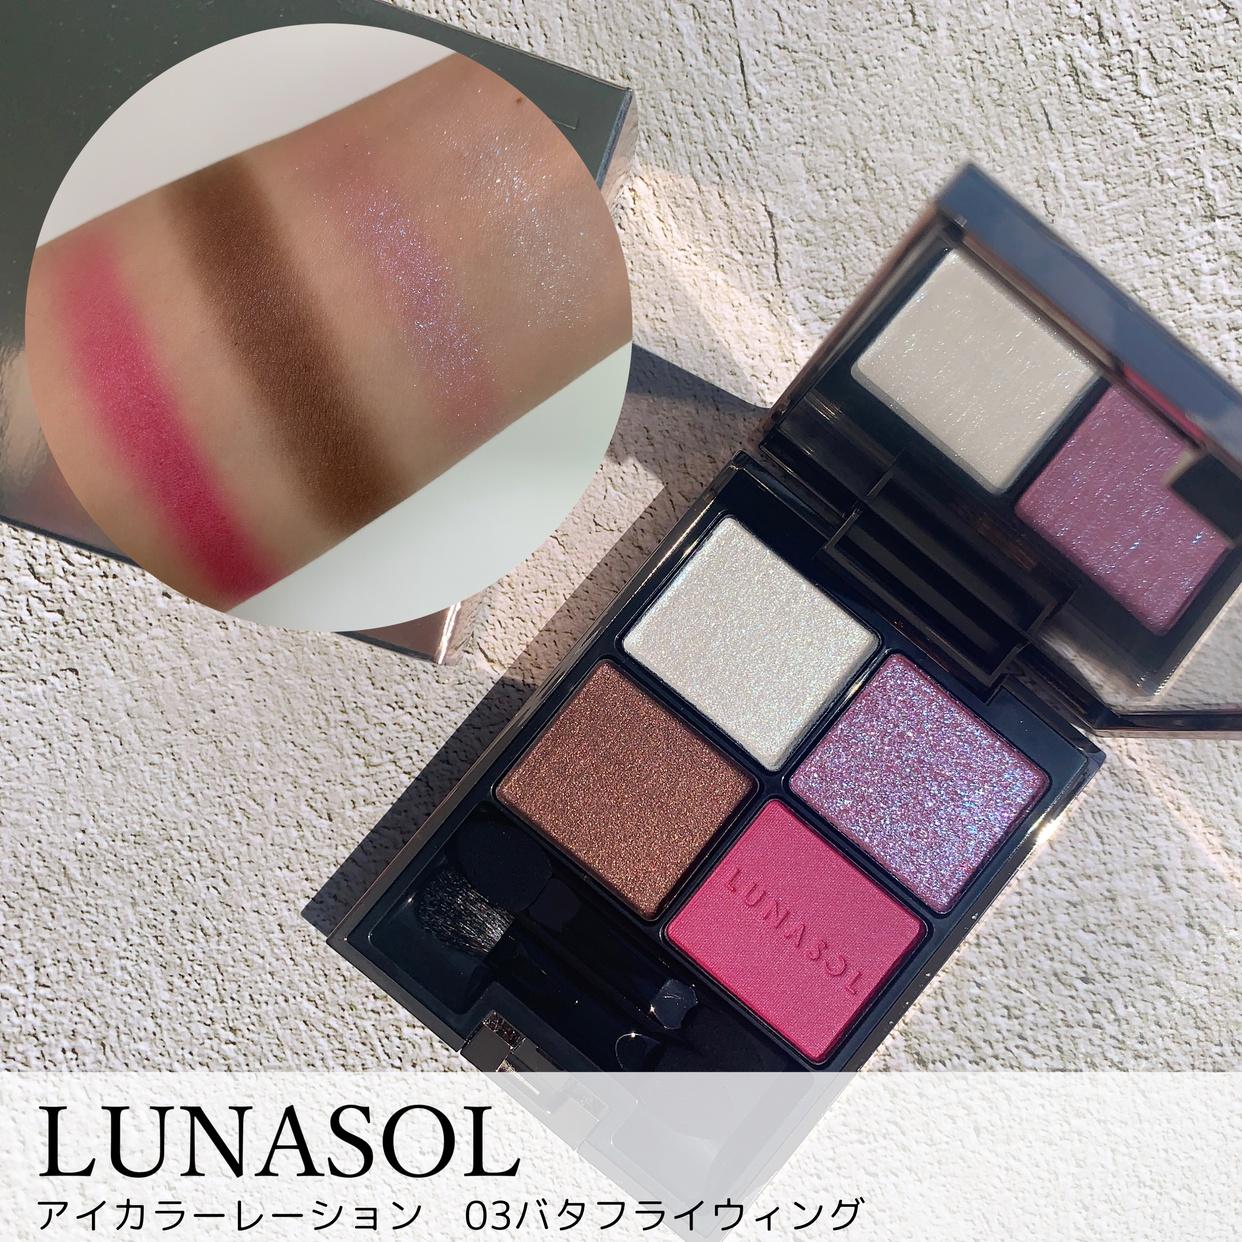 LUNASOL(ルナソル) アイカラーレーションを使ったマト子さんのクチコミ画像